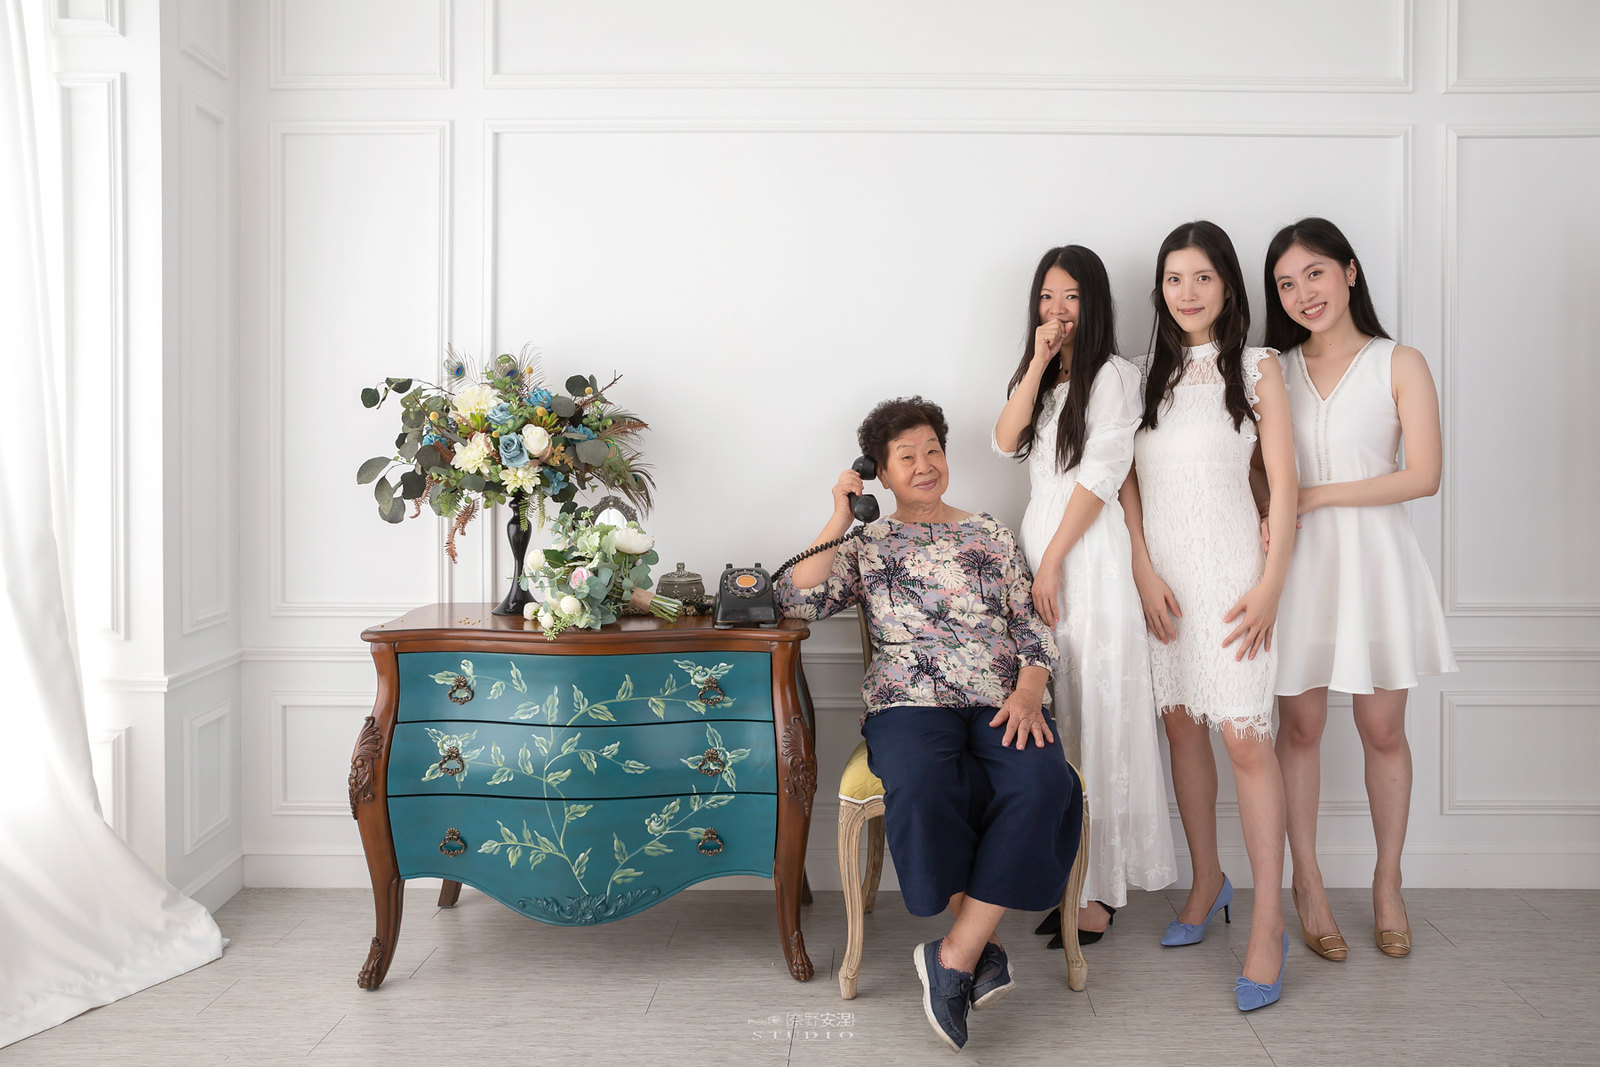 台南全家福 | 拋棄傳統合照的彆扭,忠實呈現家人間最親密的情感19